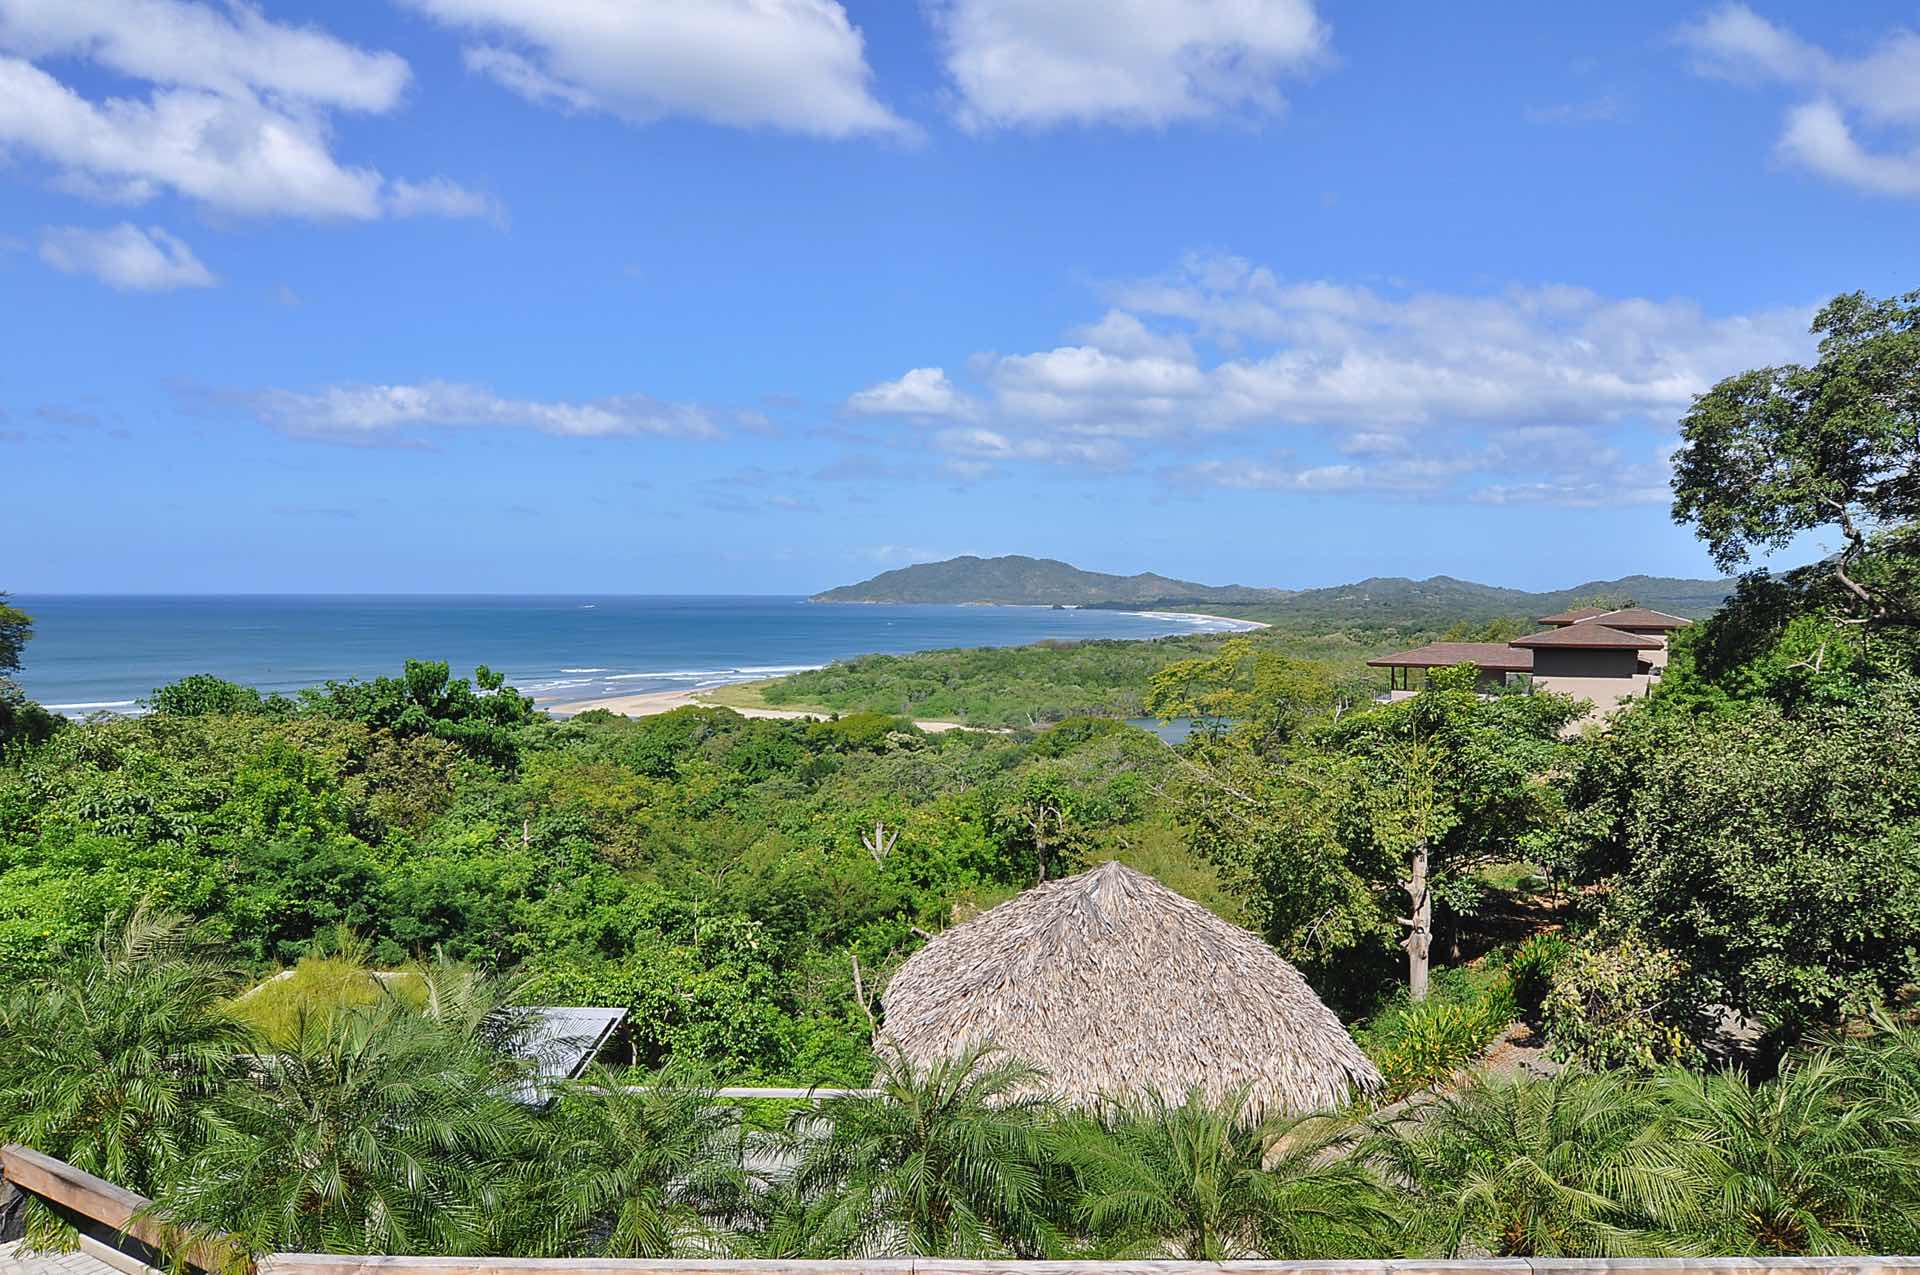 Tamarindo Bay and the Las Baulas estuary